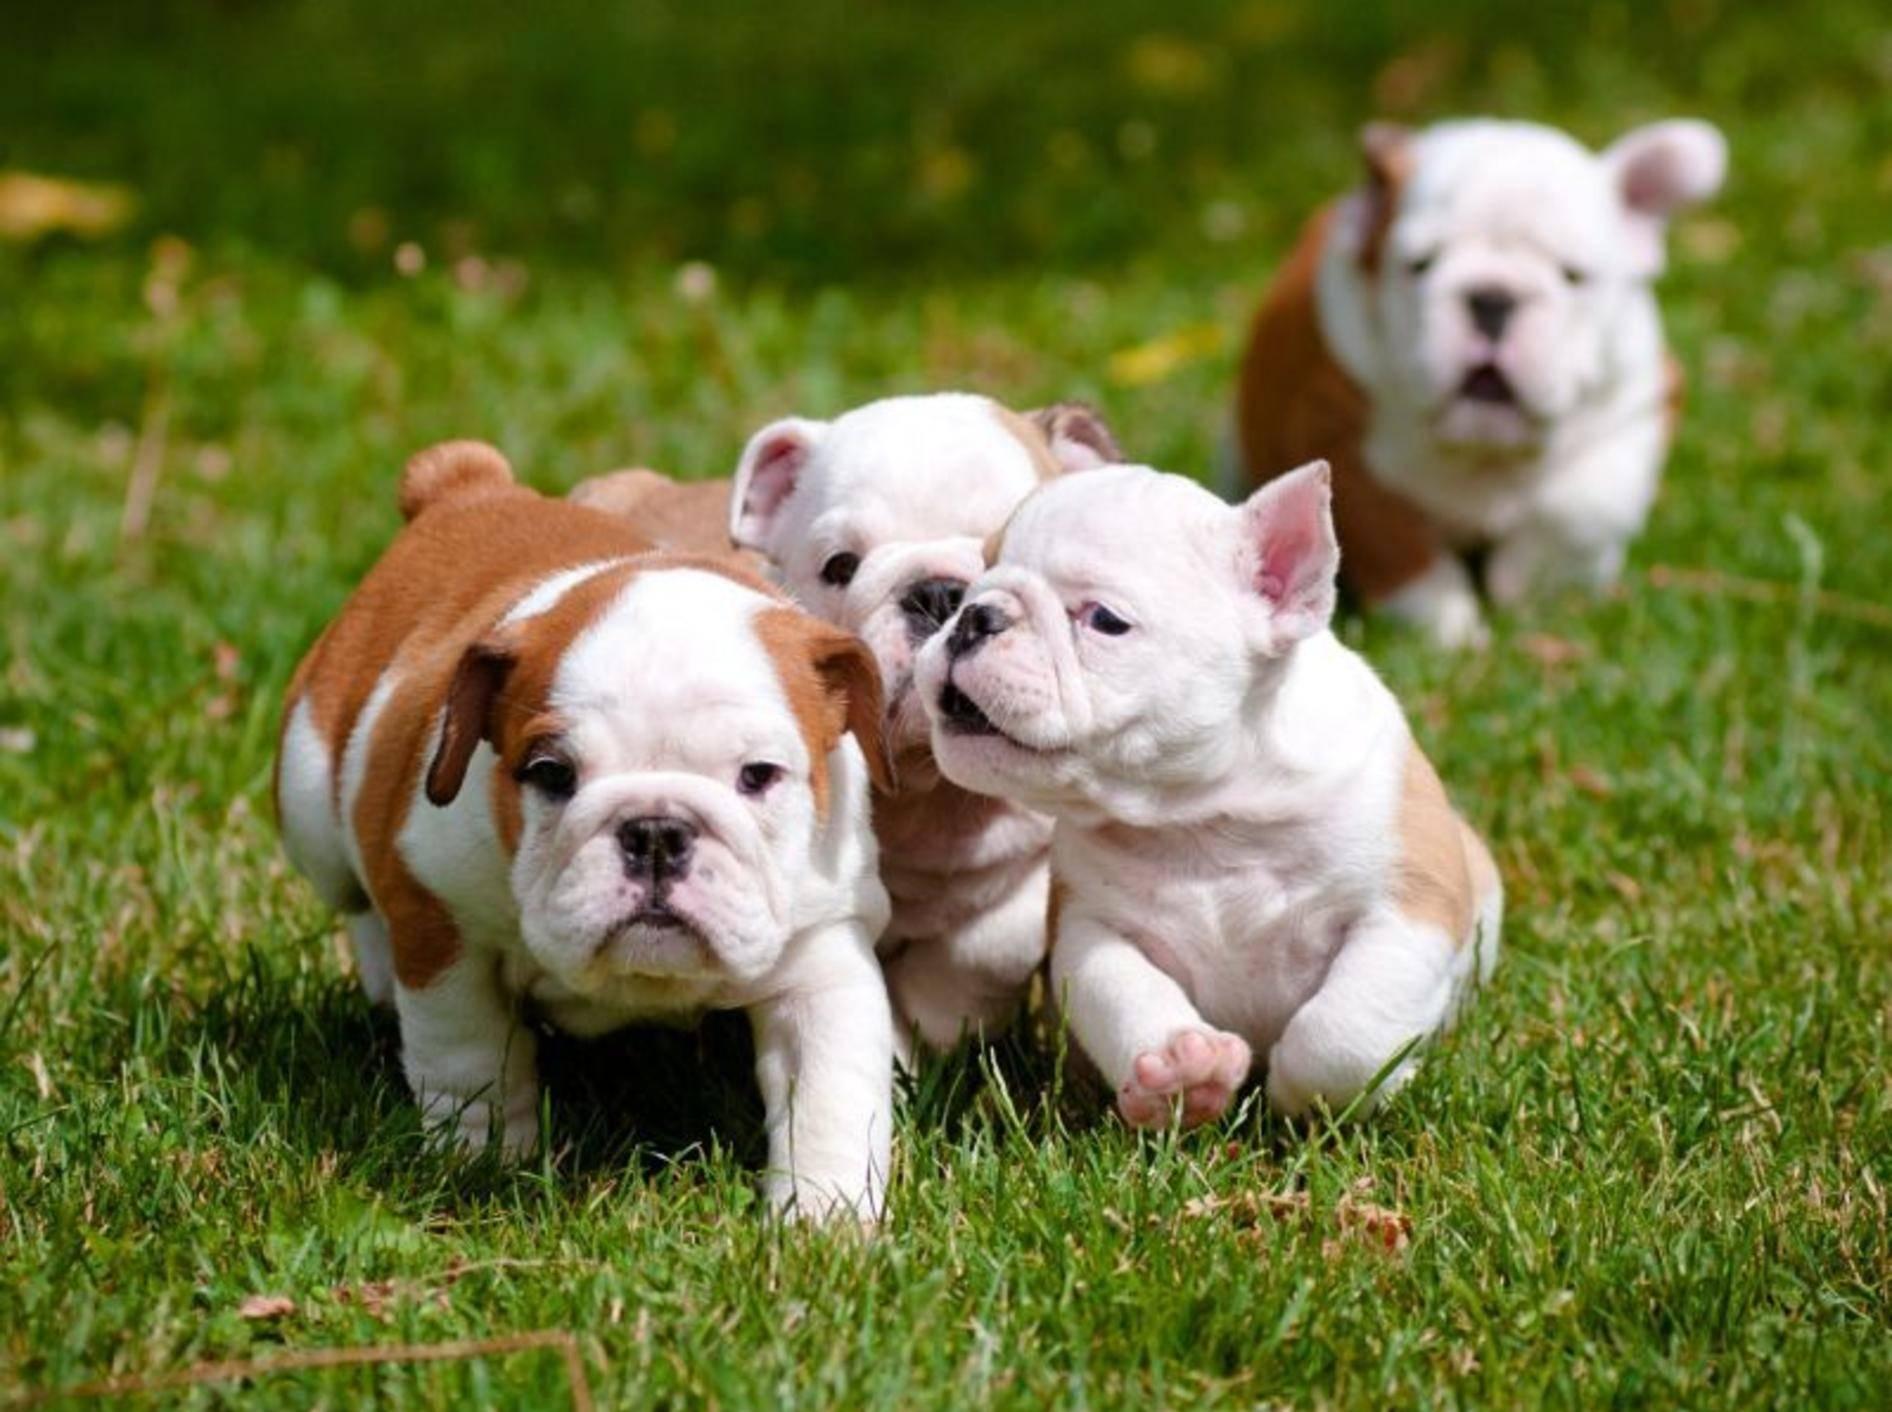 Ein schöner Ausflug nach draußen: So sehen Englische Bulldoggen in klein aus — Bild: Shutterstock / otsphoto